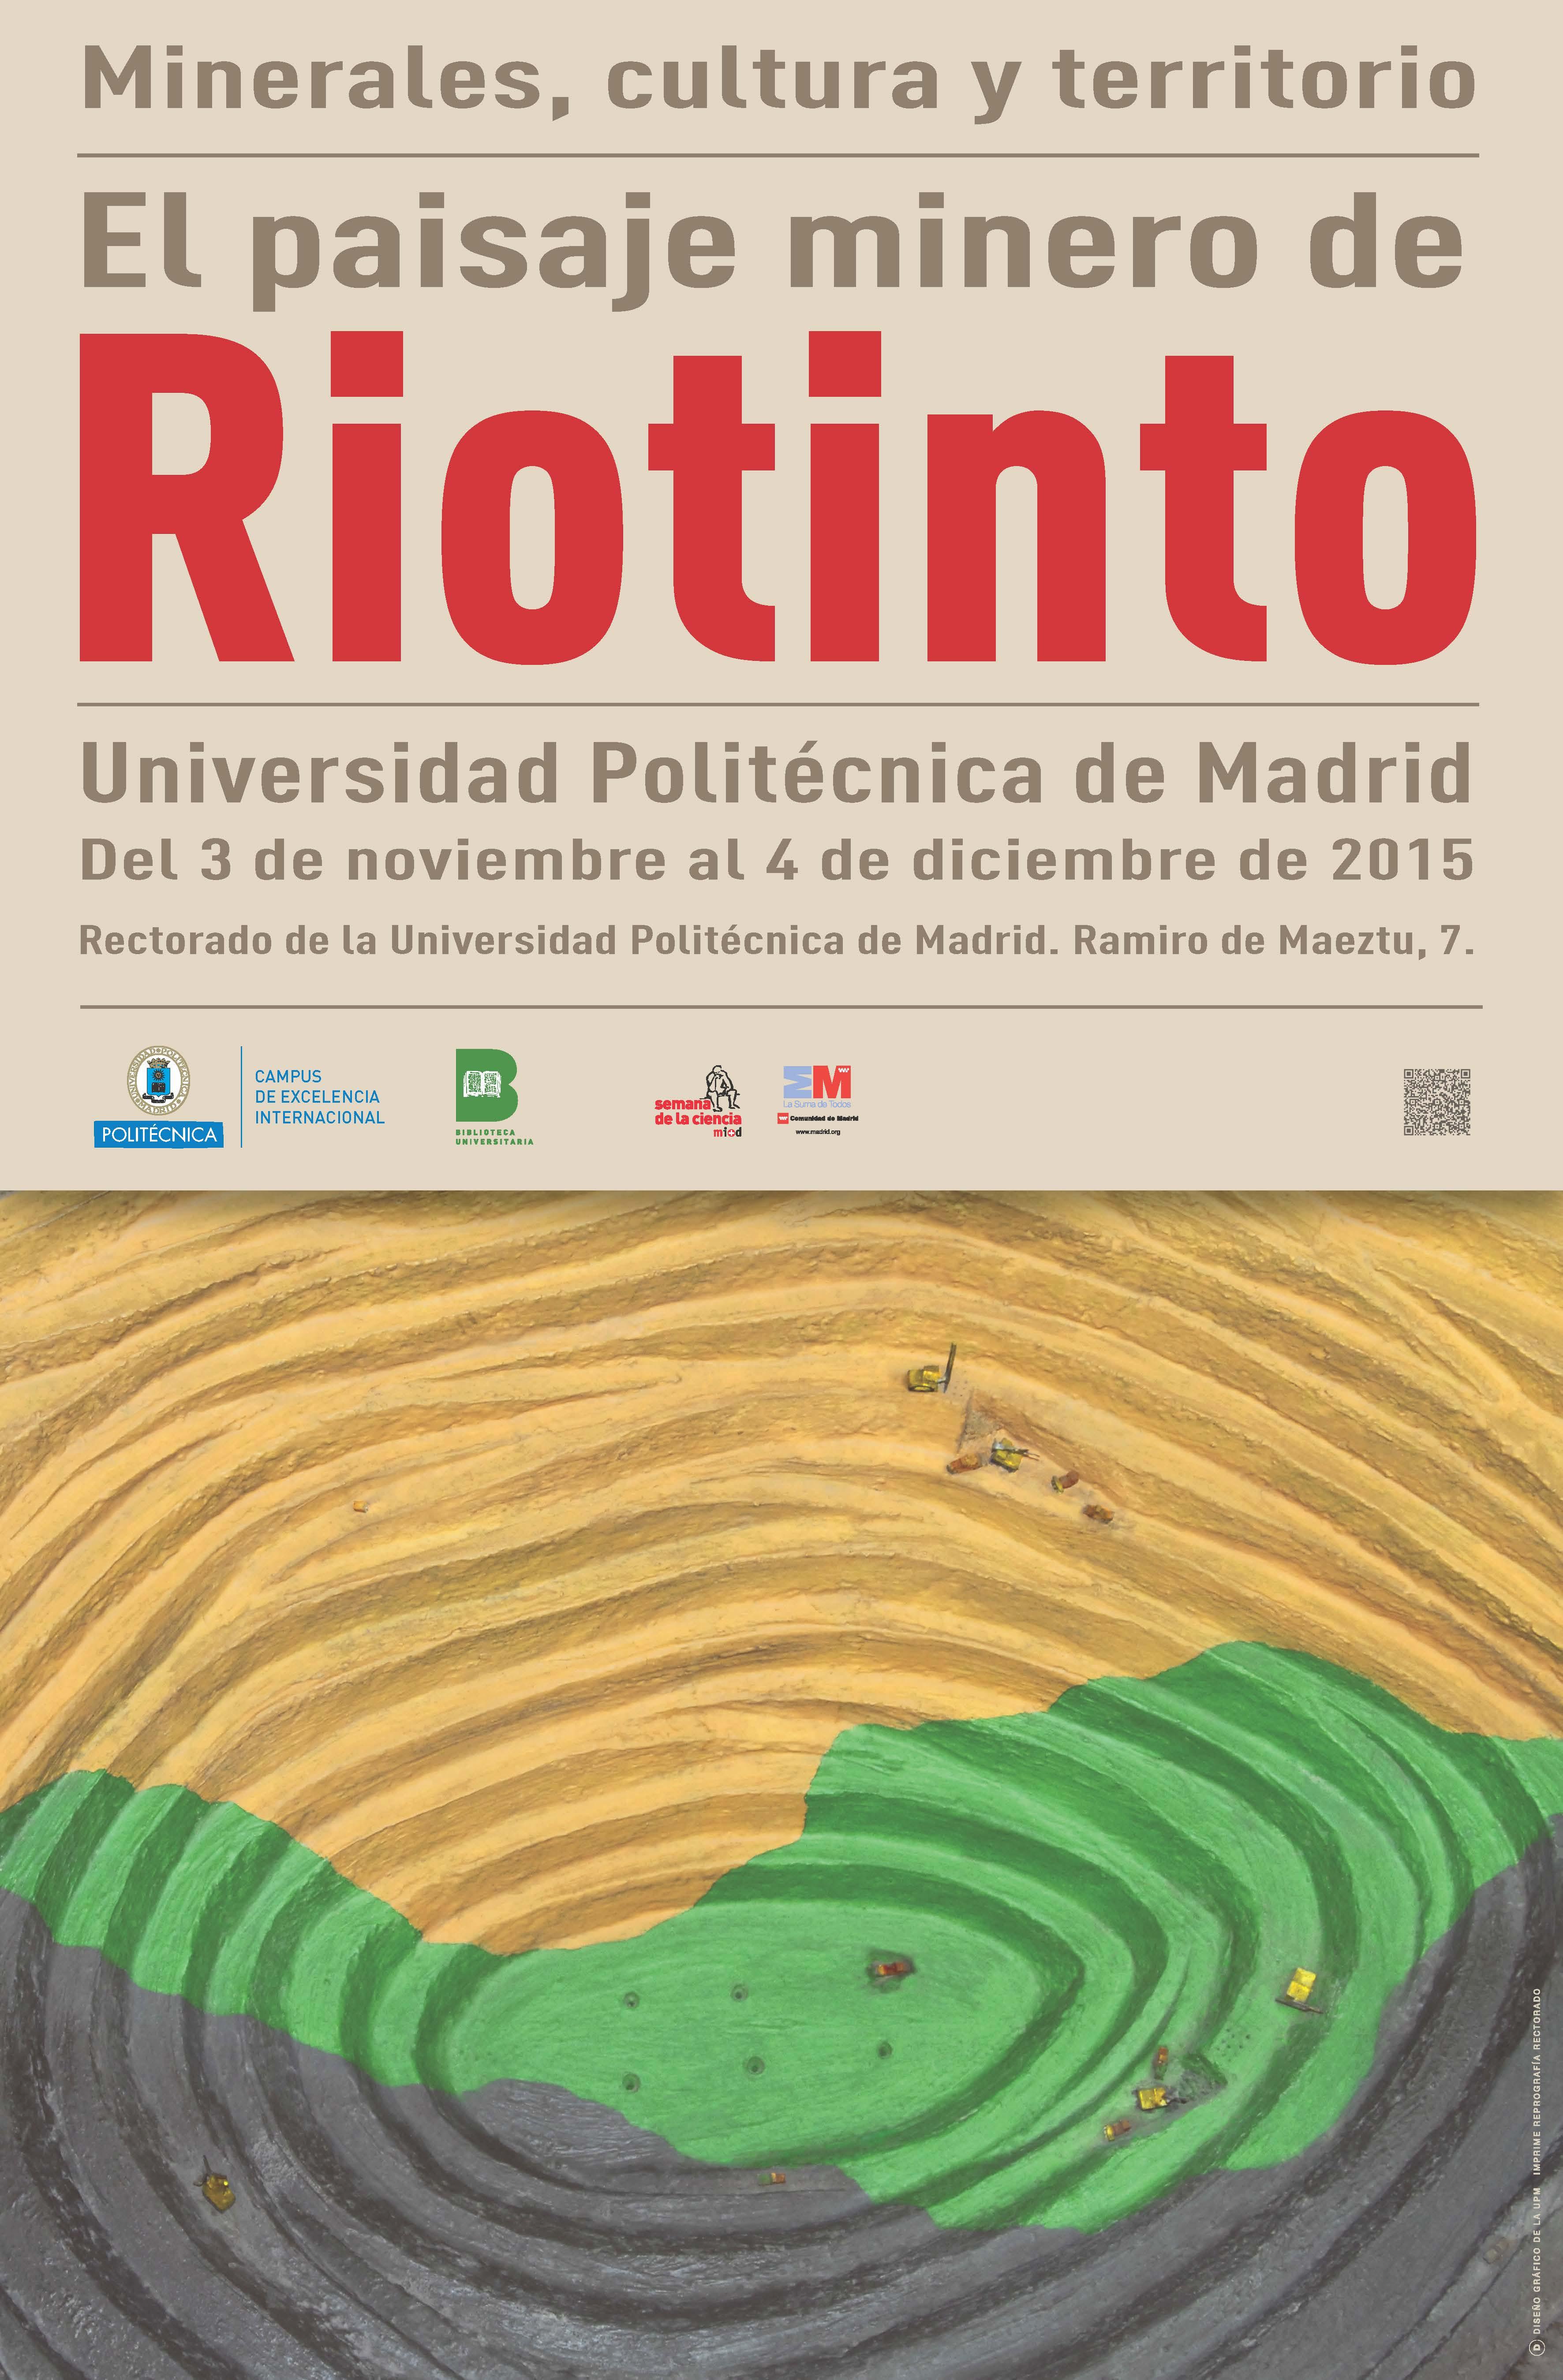 Cartel Exposición: El paisaje minero de Riotinto UPM